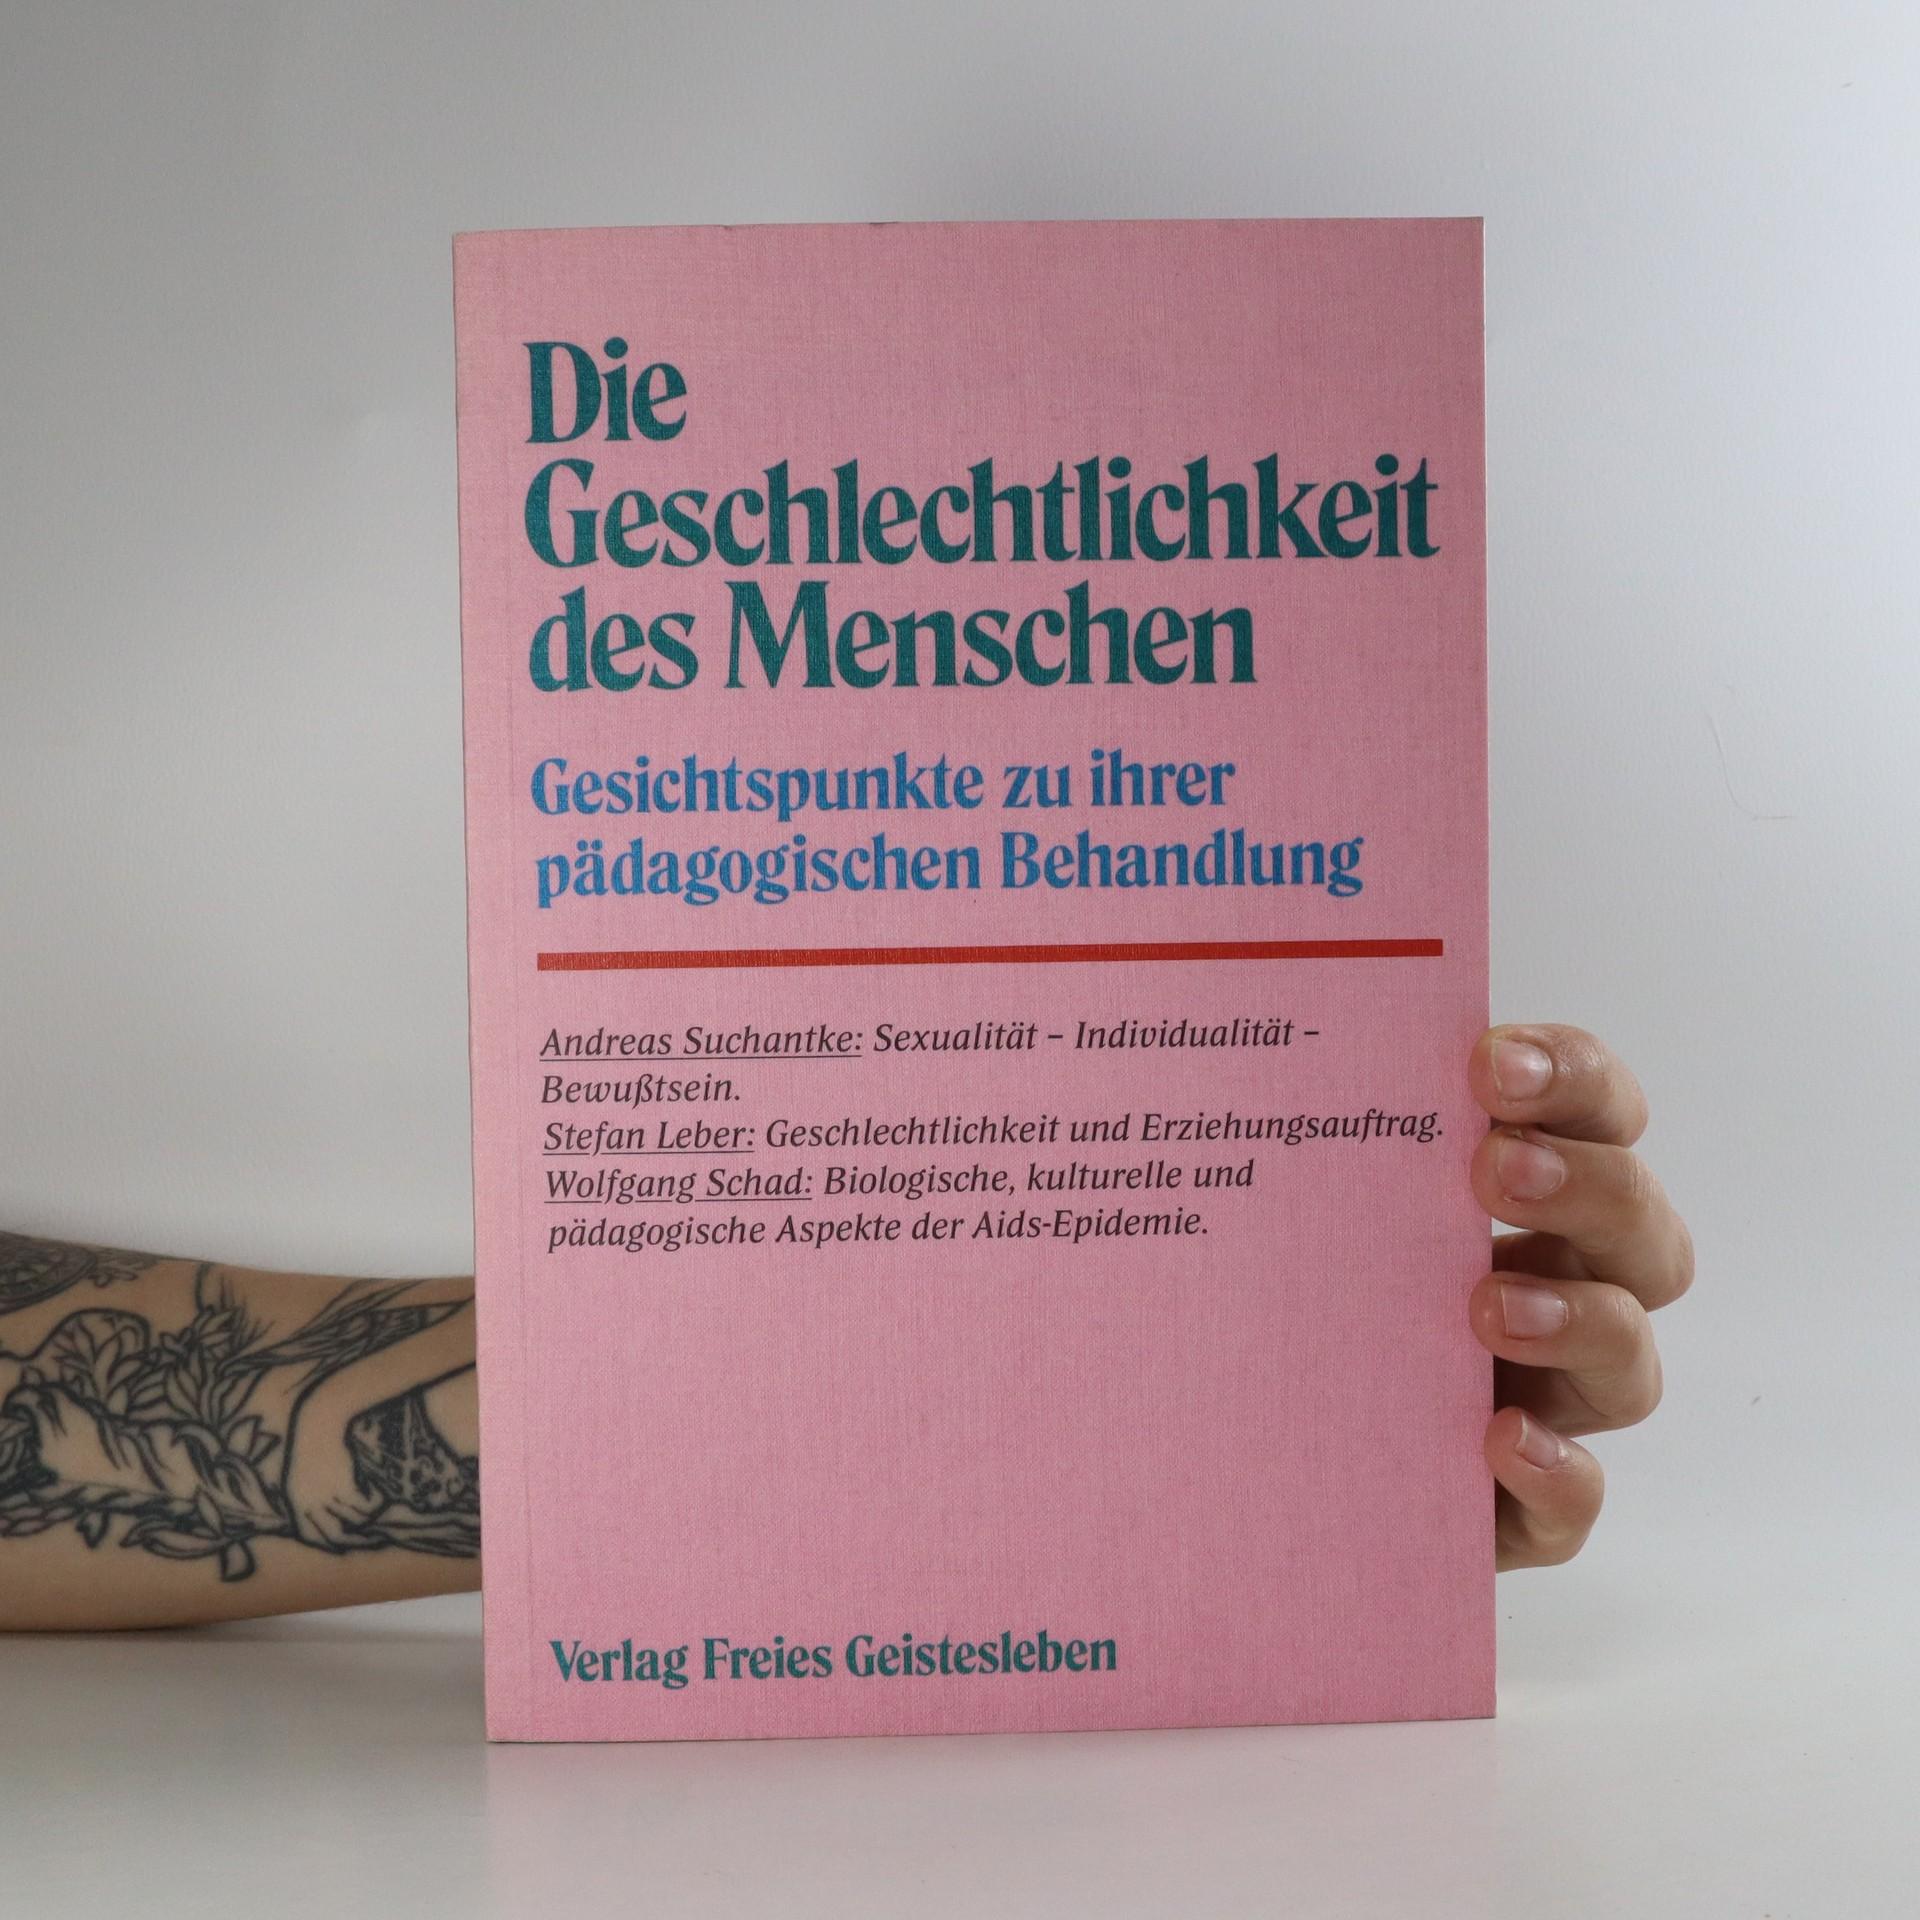 antikvární kniha Die Geschlechtlichkeit des Menschen, 1989